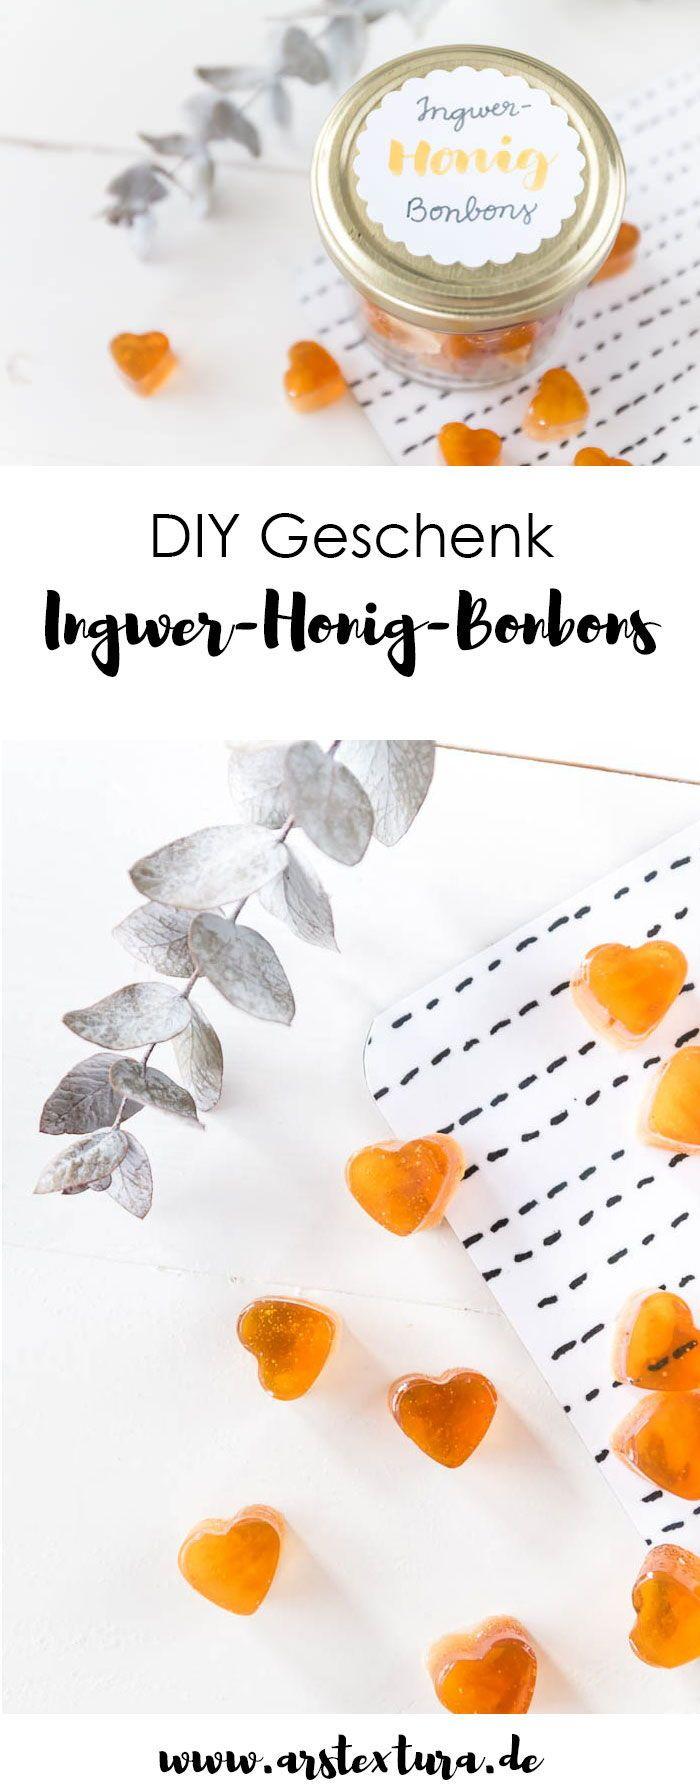 Bonbons selber machen | ars textura - DIY Blog & Food